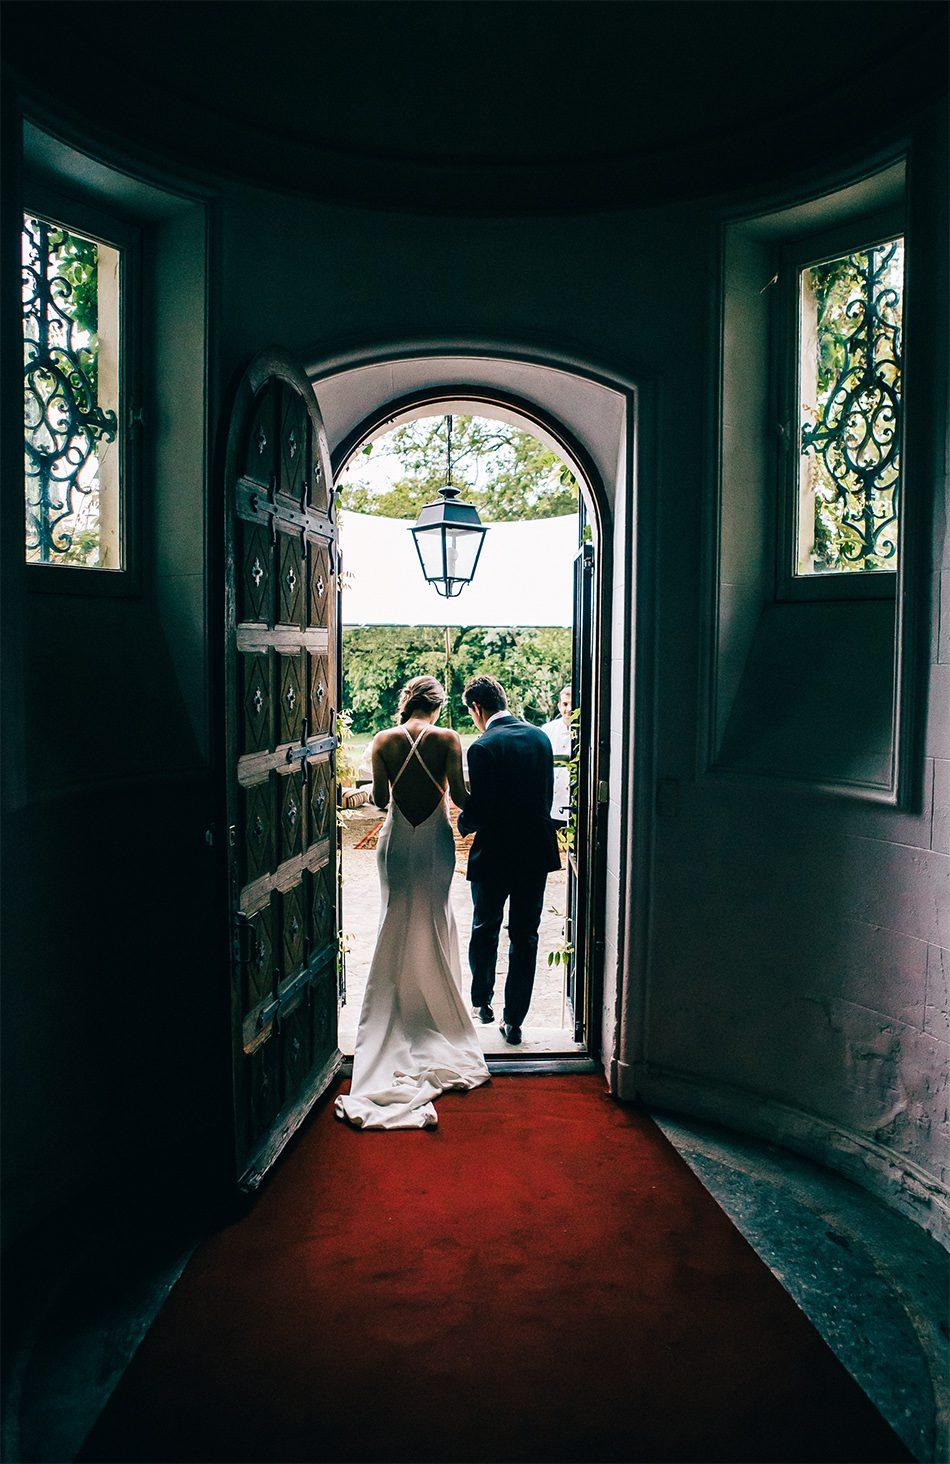 faire part sur mesure, wedding photography, photographe de mariage, floral design, wedding in france, an lalemant photographe , fleuriste mariage,